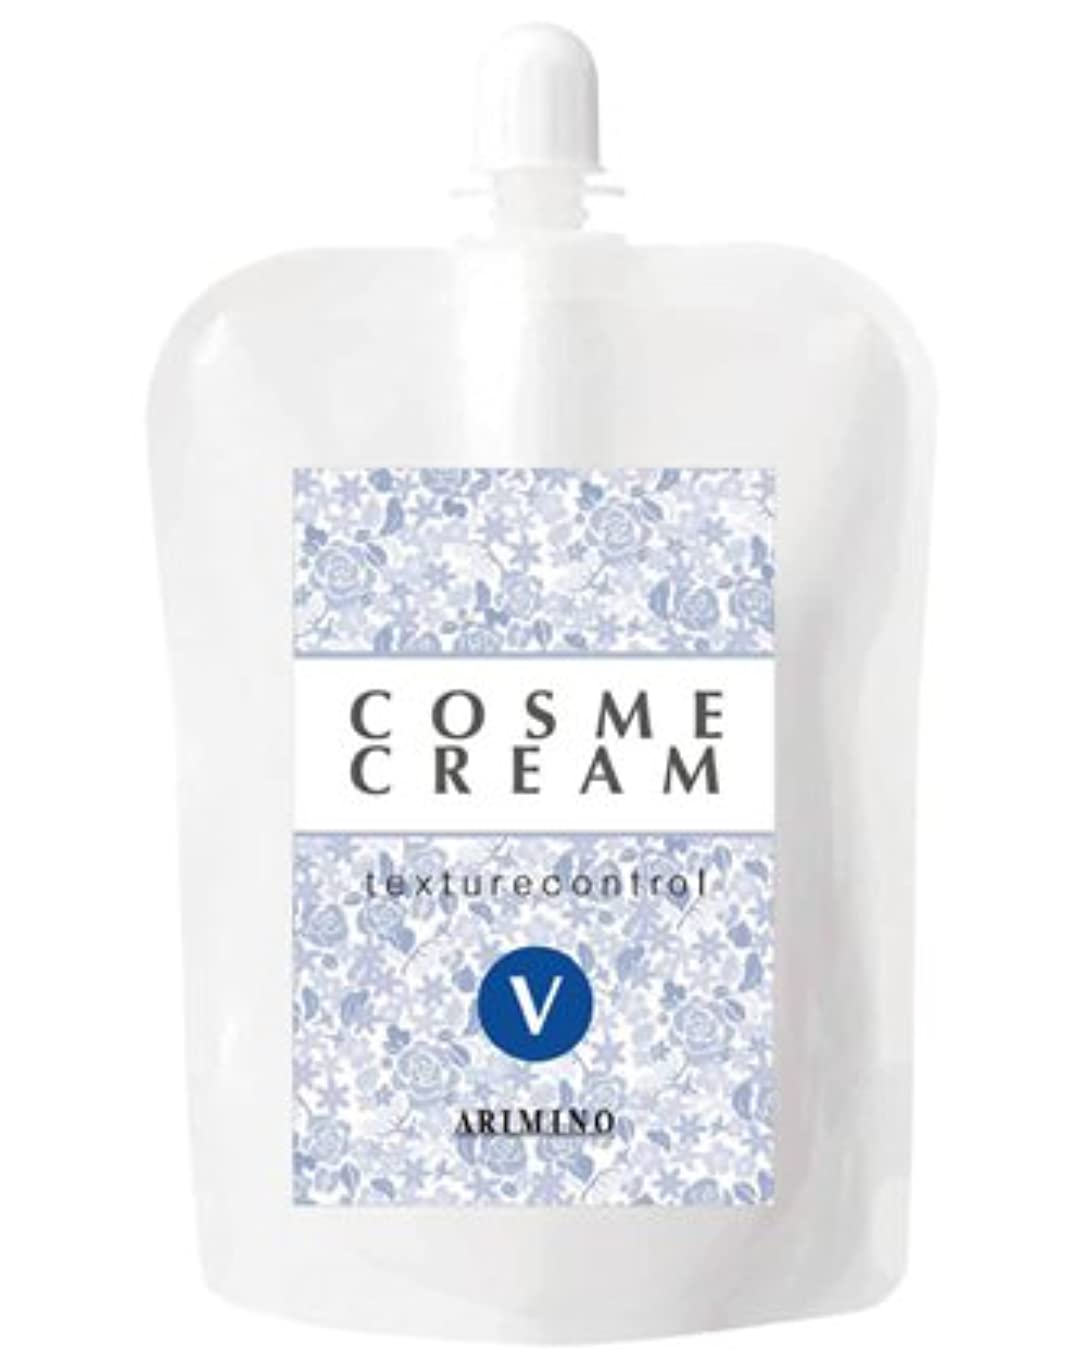 管理する卑しい倫理的アリミノ コスメクリーム V 400g